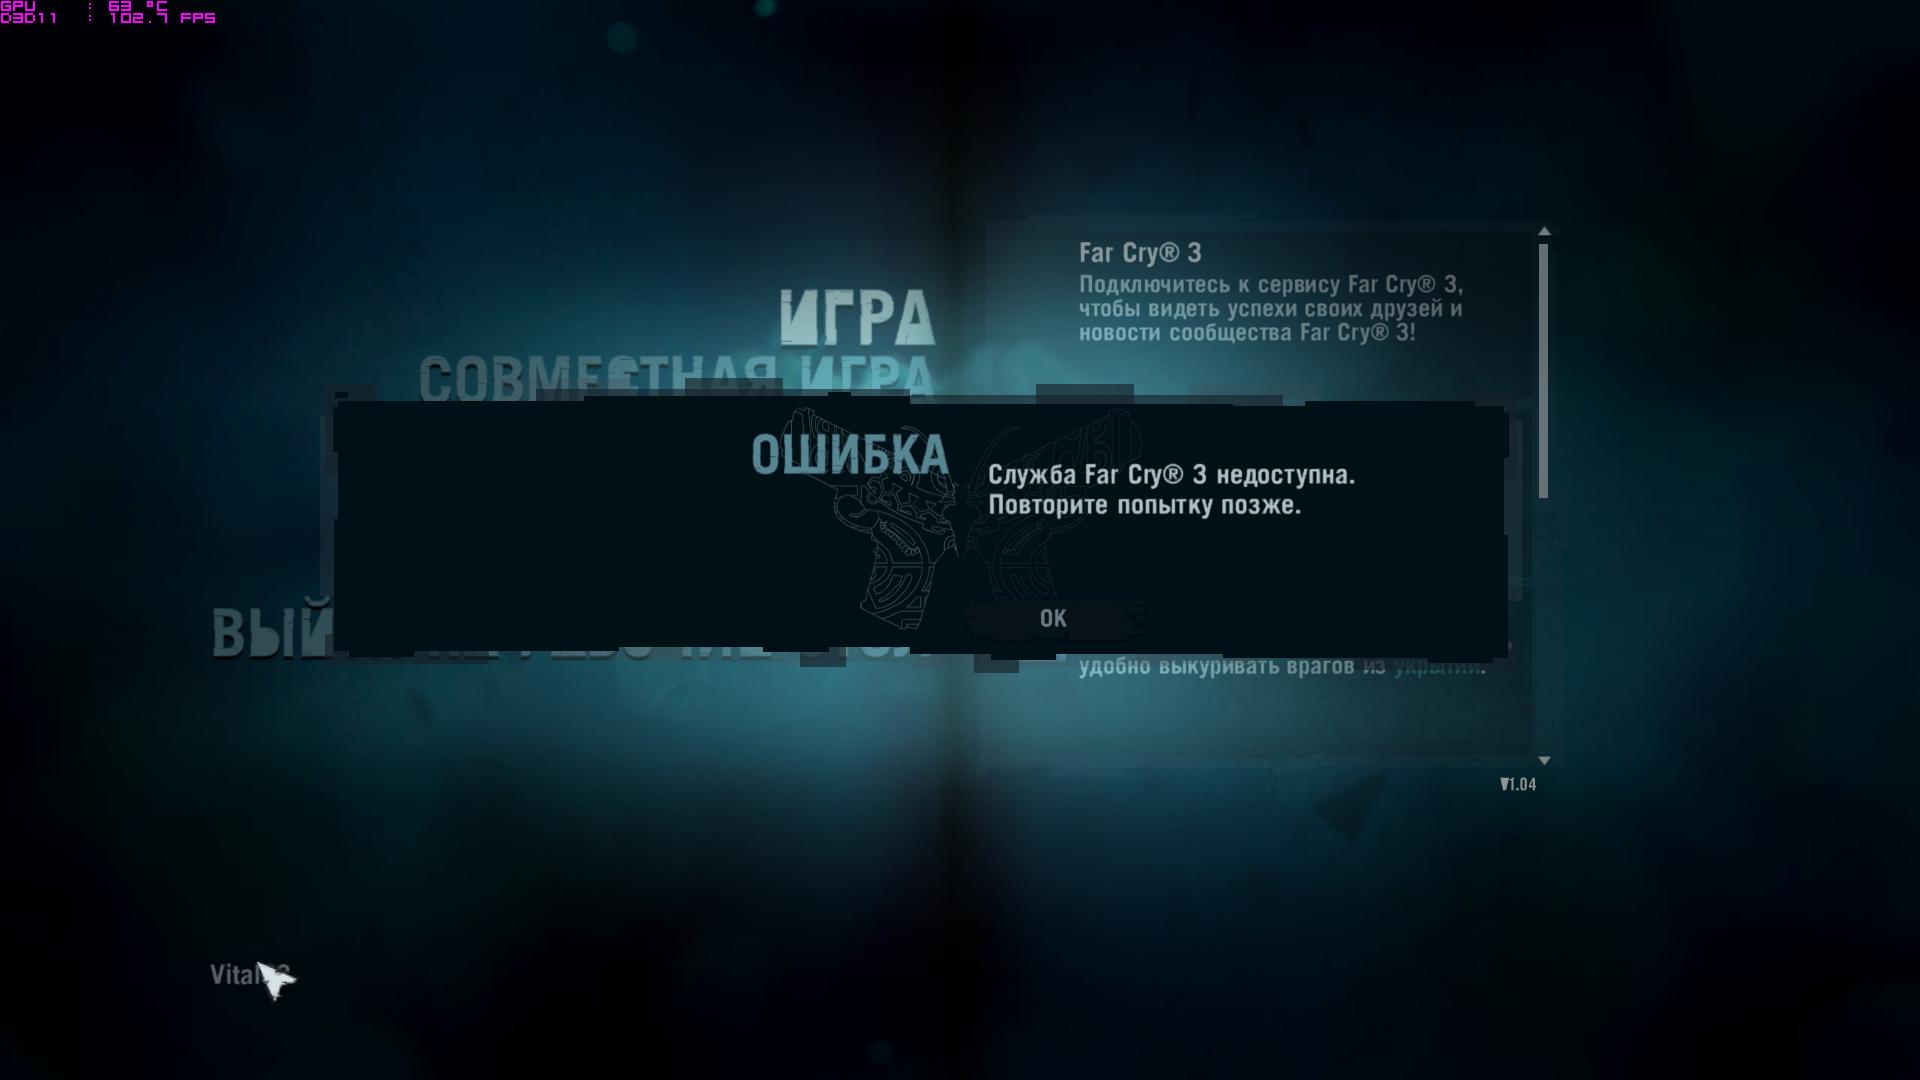 Инструкция по адресу 0x69b8259f обратилась к памяти по адресу 0x000000a0 память не может быть read